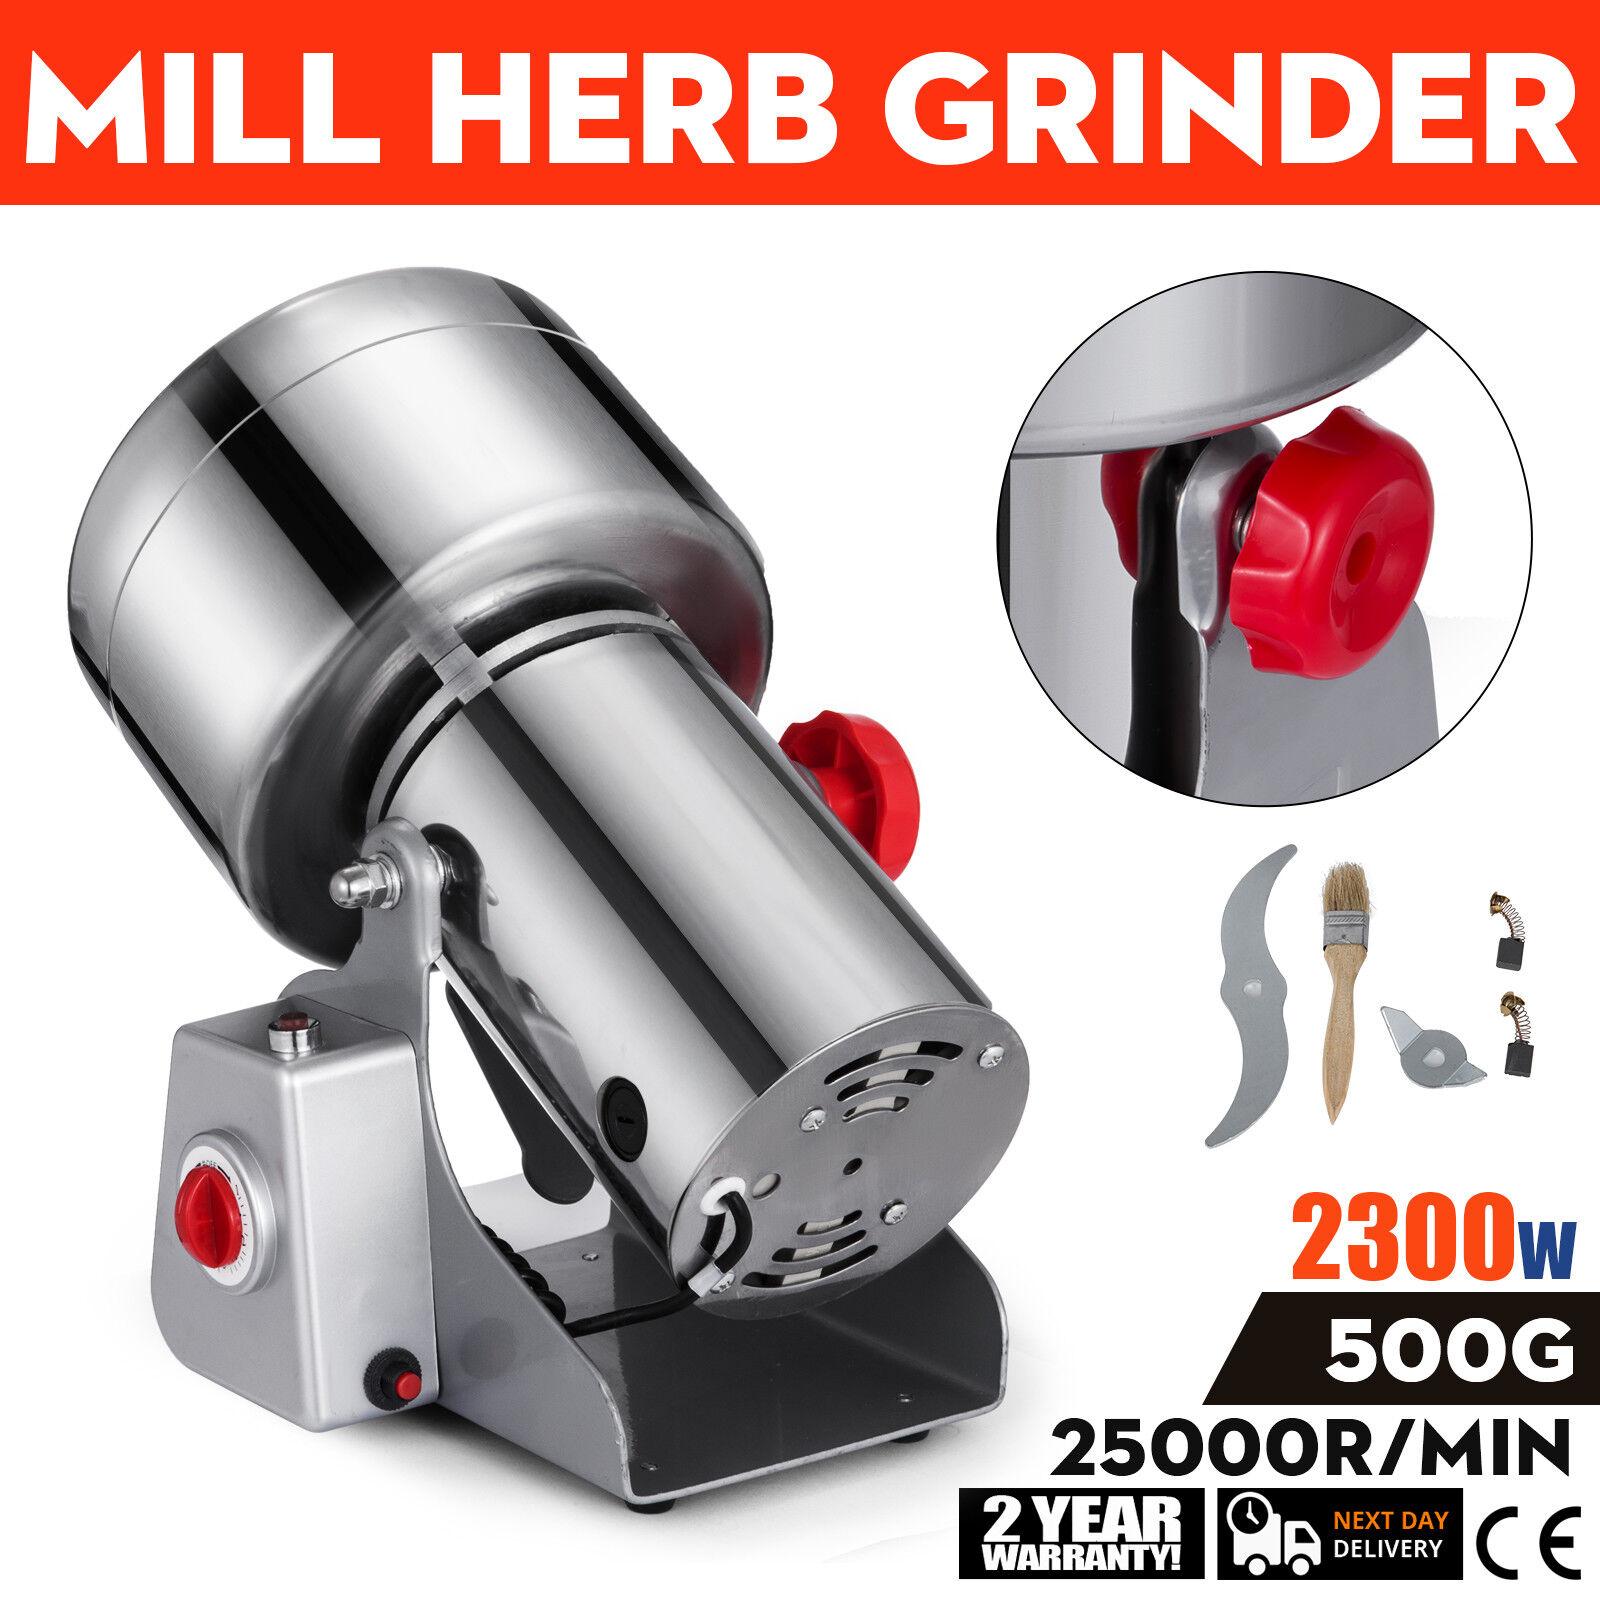 500g Café épices Grain Broyeur Grinder Moulin Pepper Assaisonnement Herbes